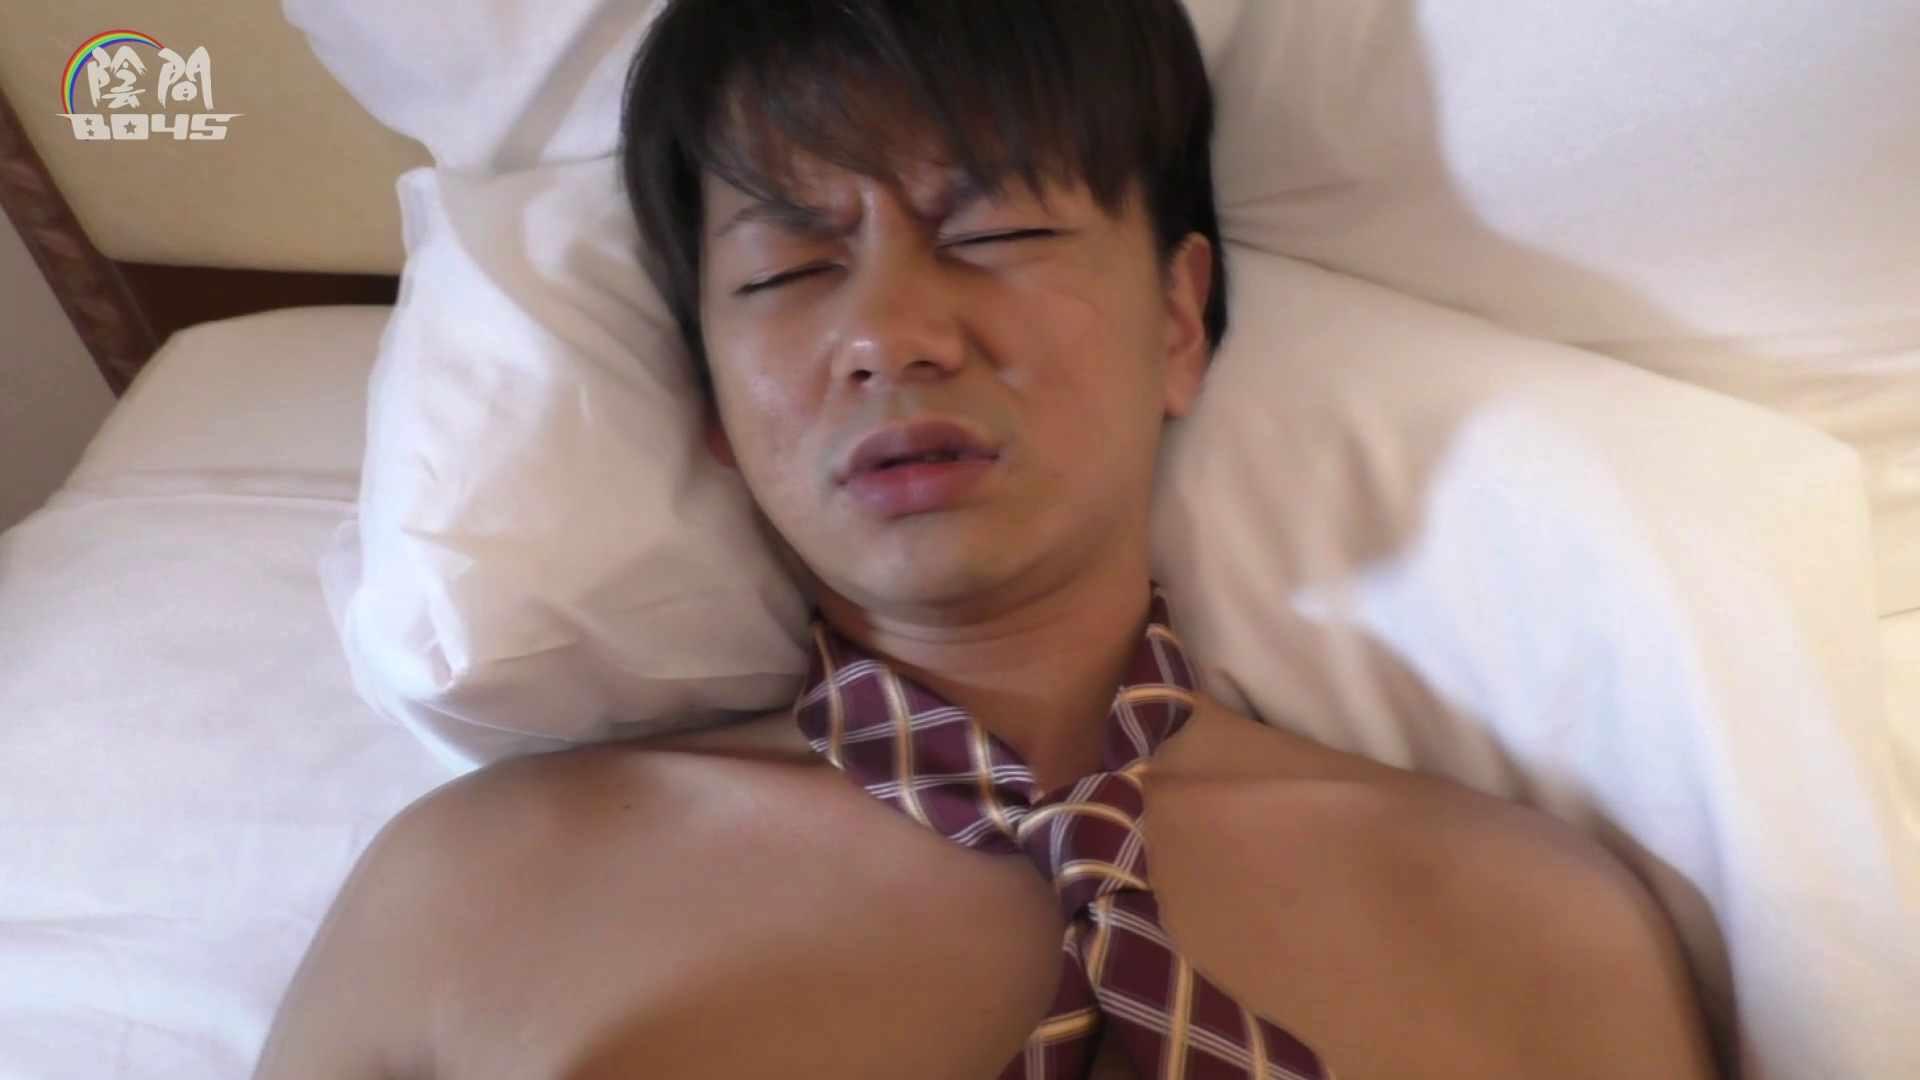 陰間BOYS~キャバクラの仕事はアナルから4 Vol.03 手コキ ゲイアダルトビデオ画像 68画像 59